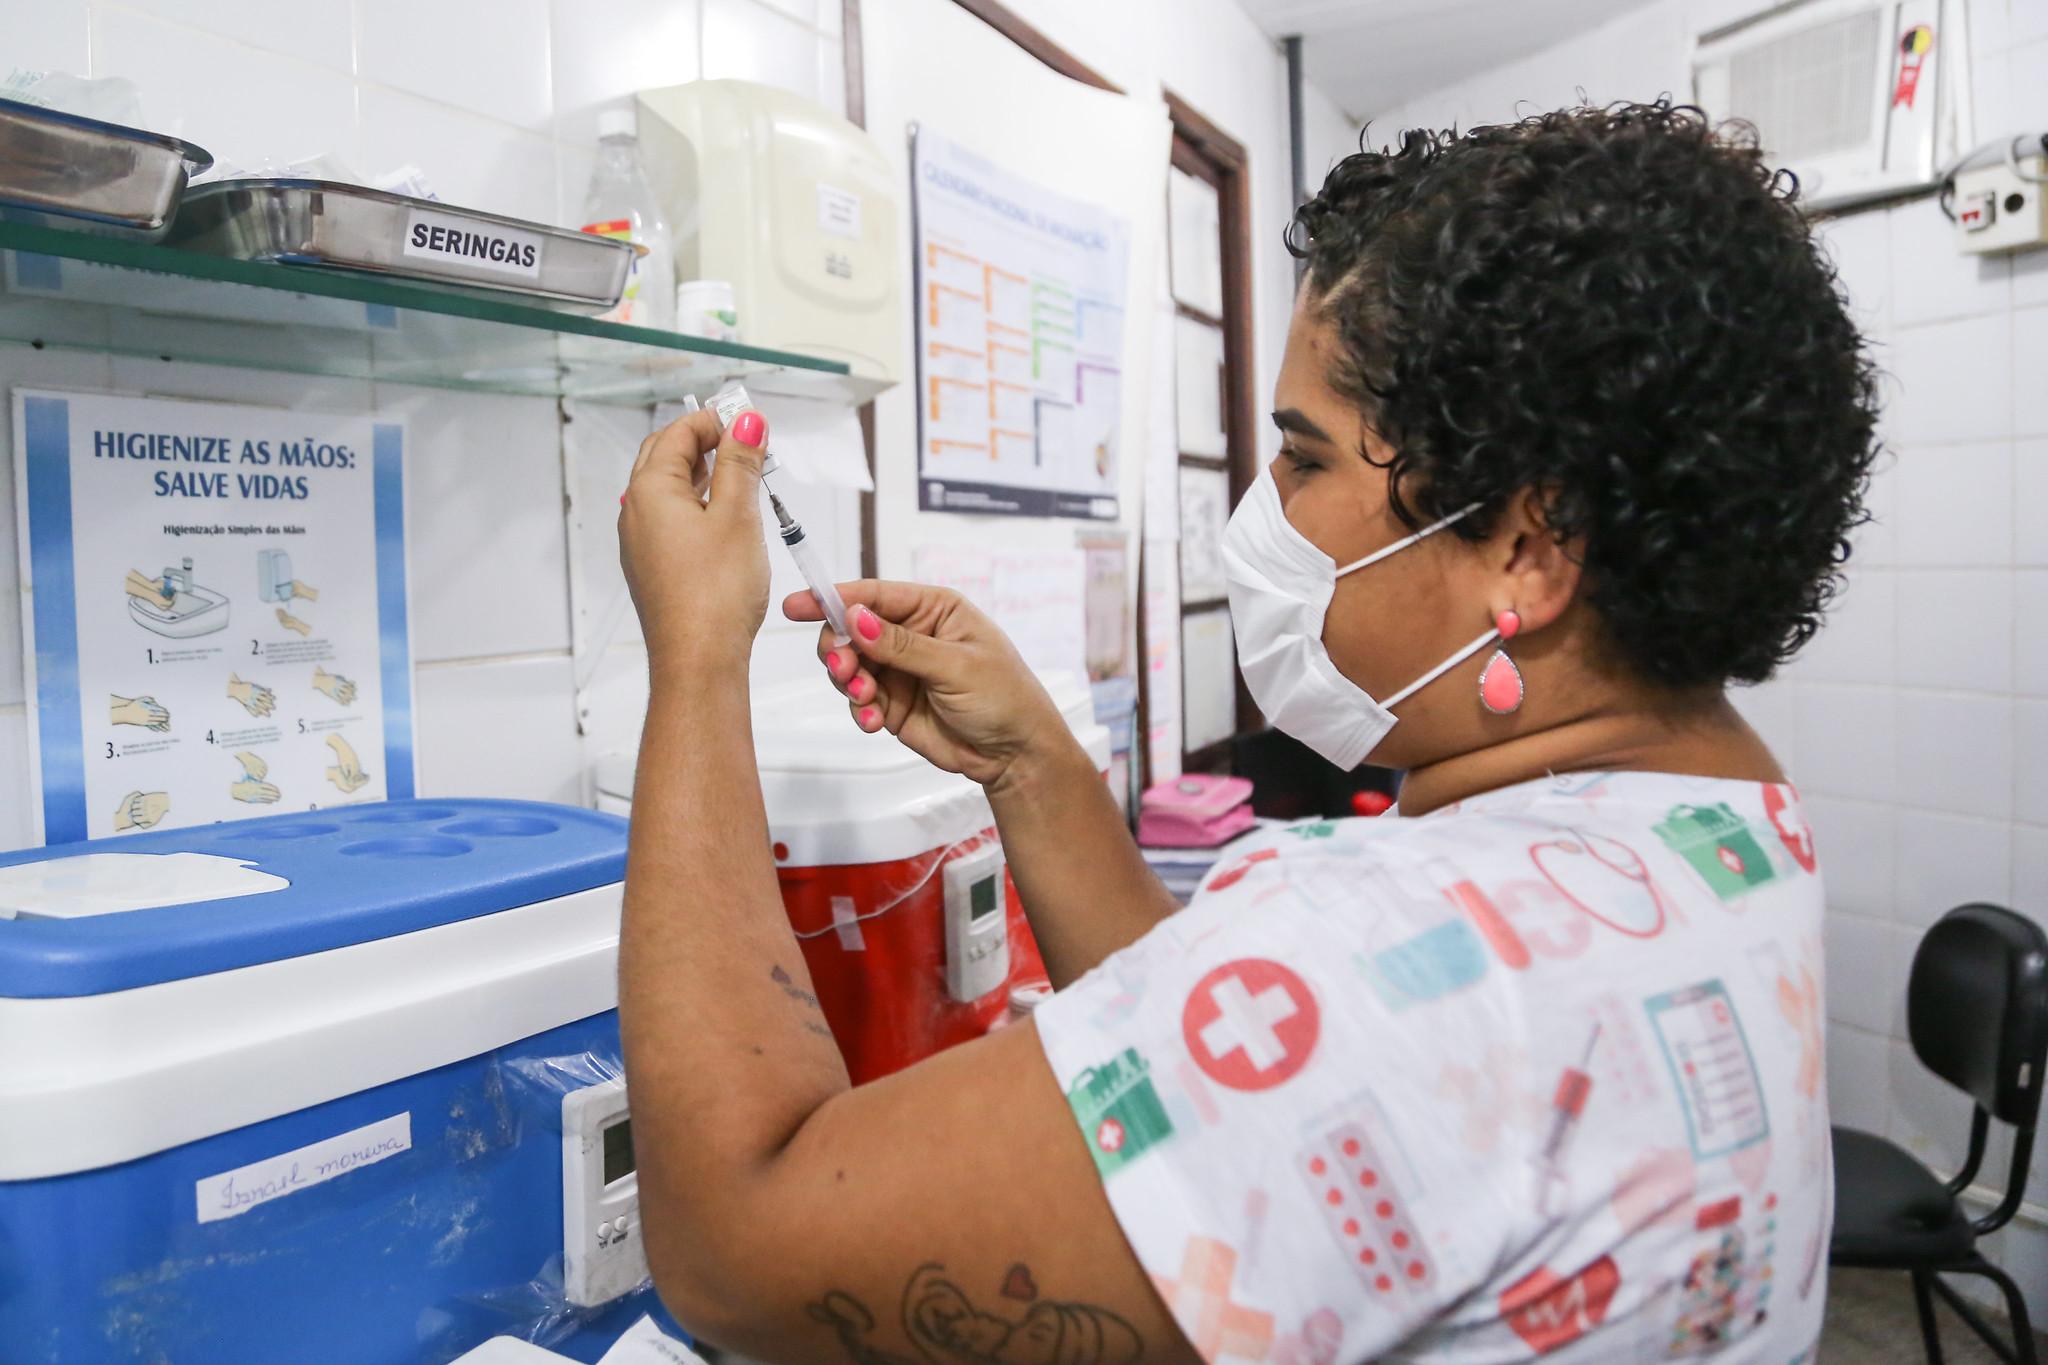 Com baixa adesão, campanha de vacinação contra gripe entra na terceira etapa nesta quarta-feira (9) em Lauro de Freitas